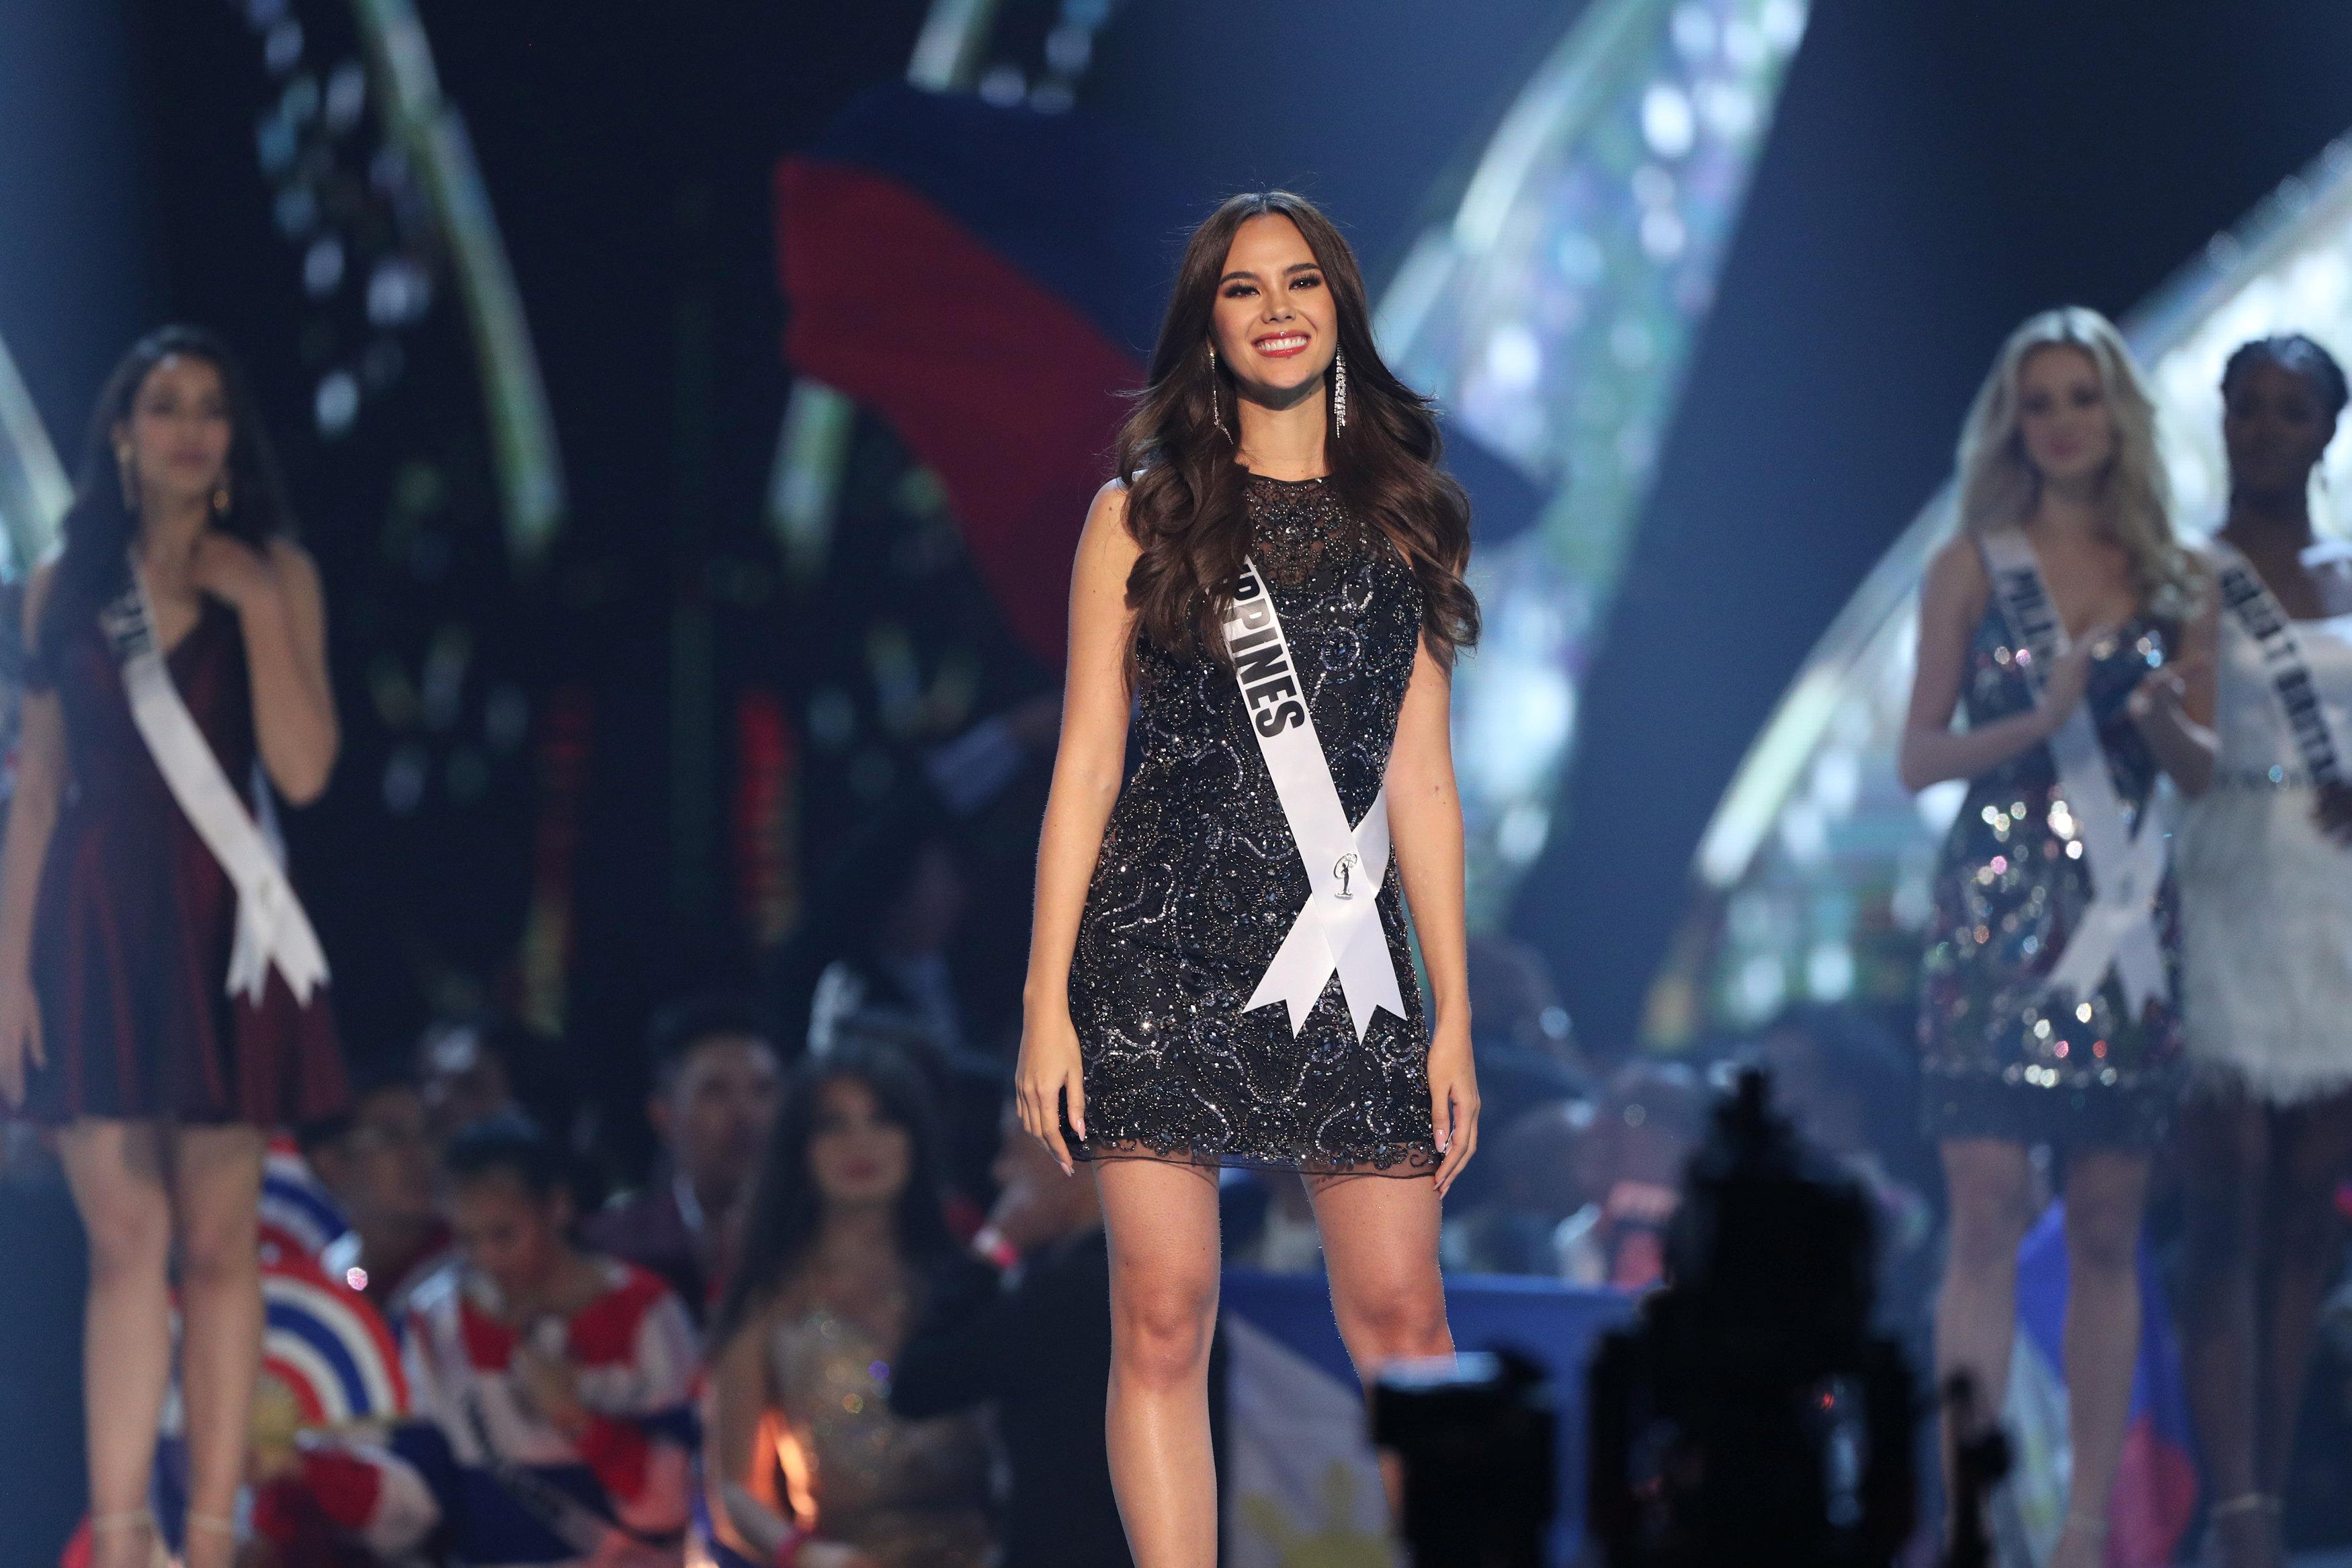 مسابقة ملكة جمال الكون من بانكوك (6)